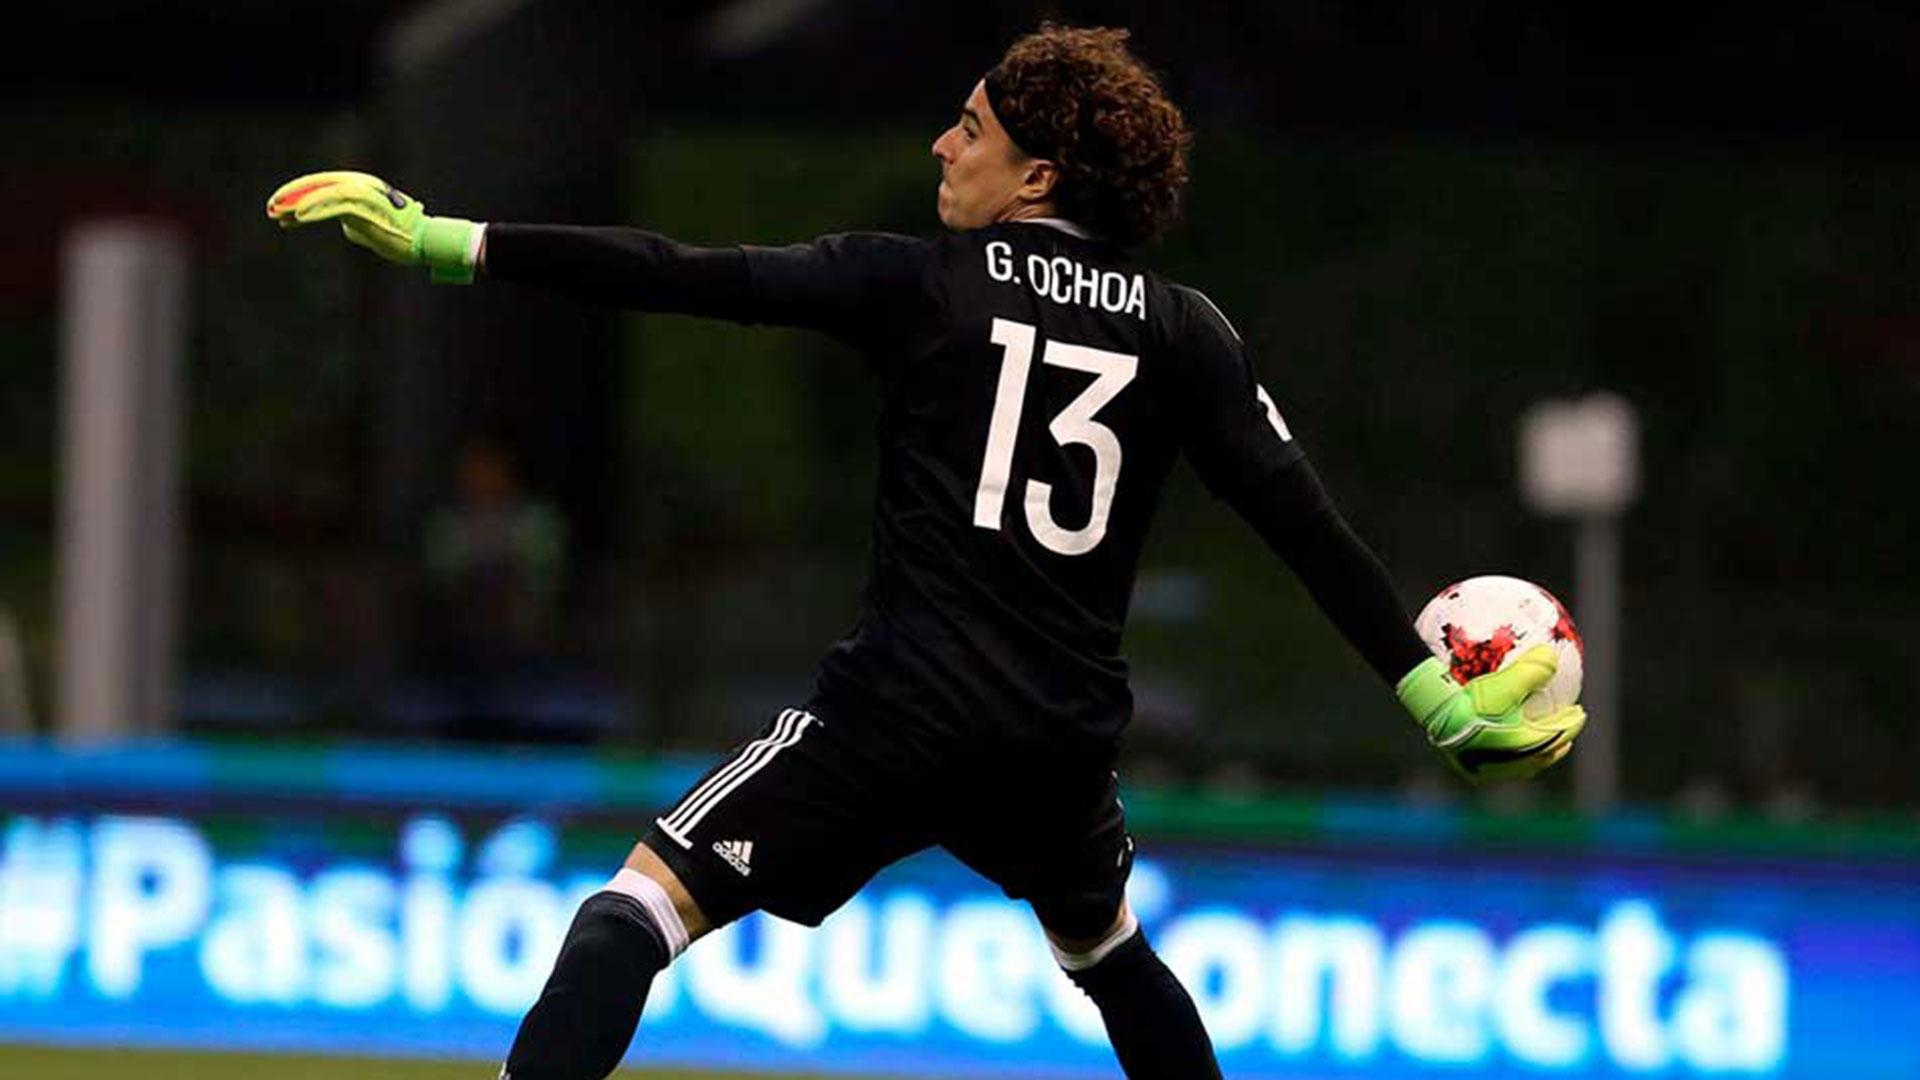 'Memo' Ocho encontró la continuidad que necesitaba pero en un equipo de mitad de tabla del fútbol de Bélgica